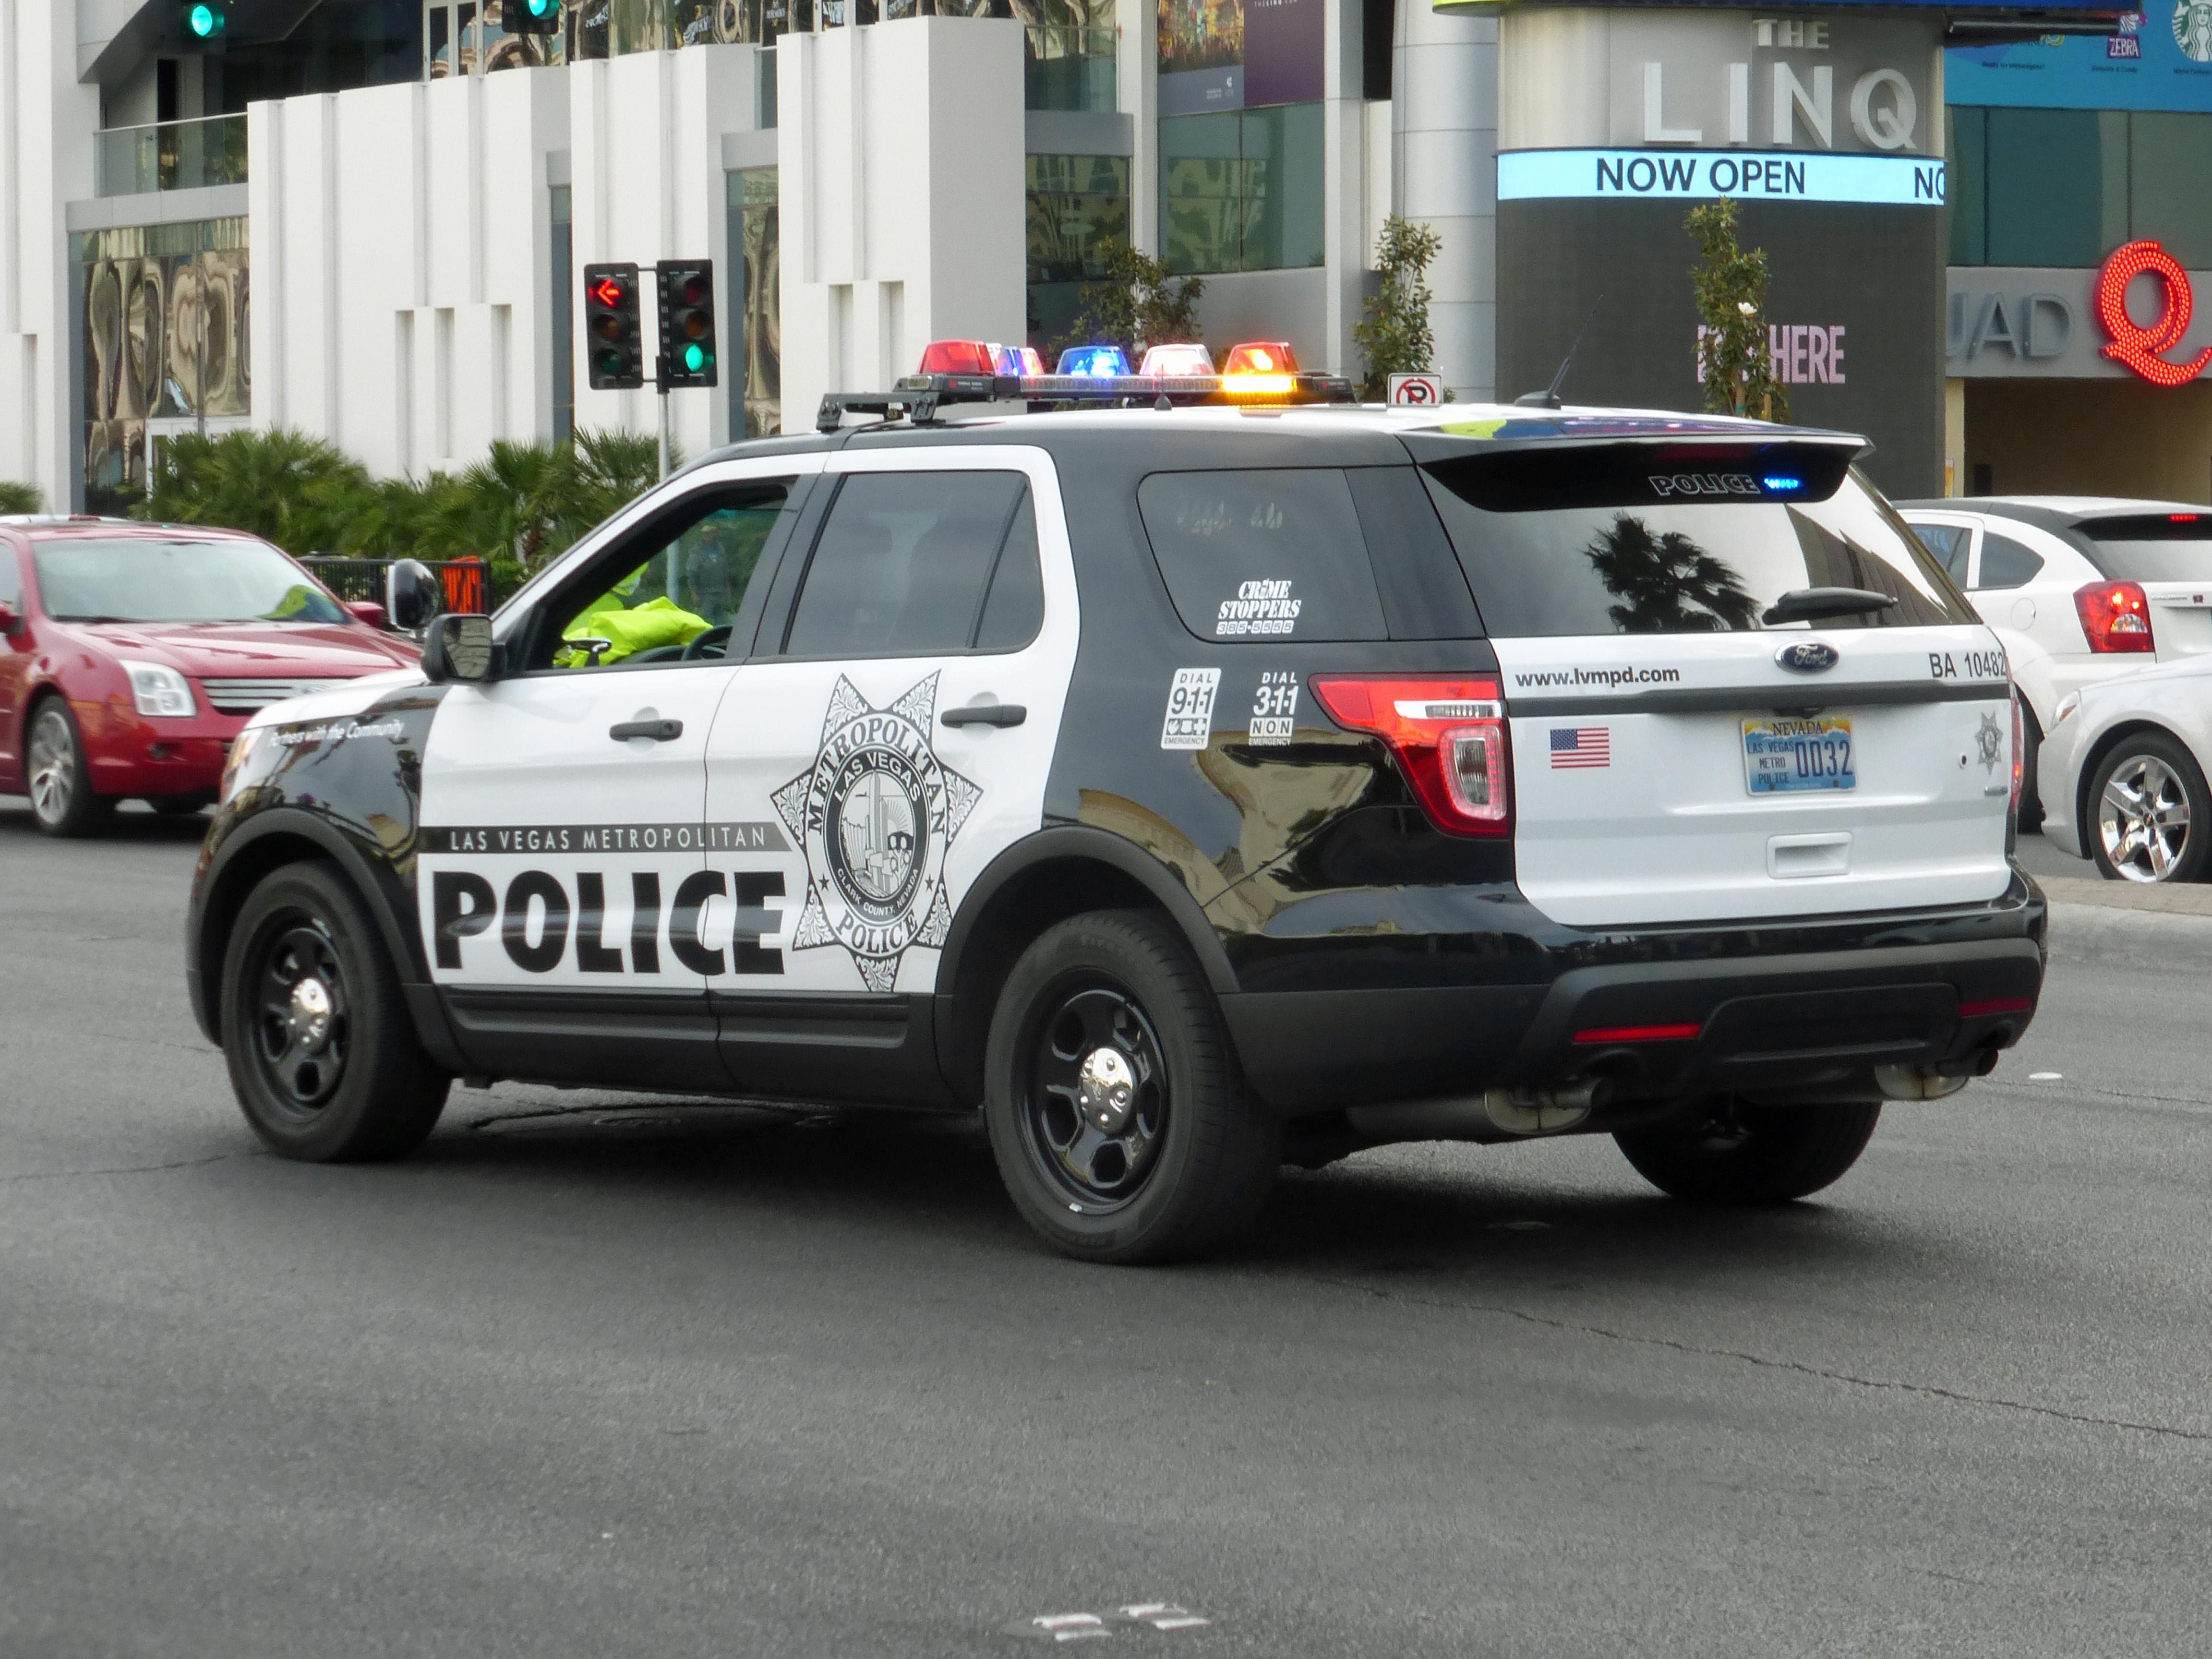 壁纸 拉斯 维加斯 地铁 警察4608x3456 电脑桌面壁纸 Wallhere 壁纸库